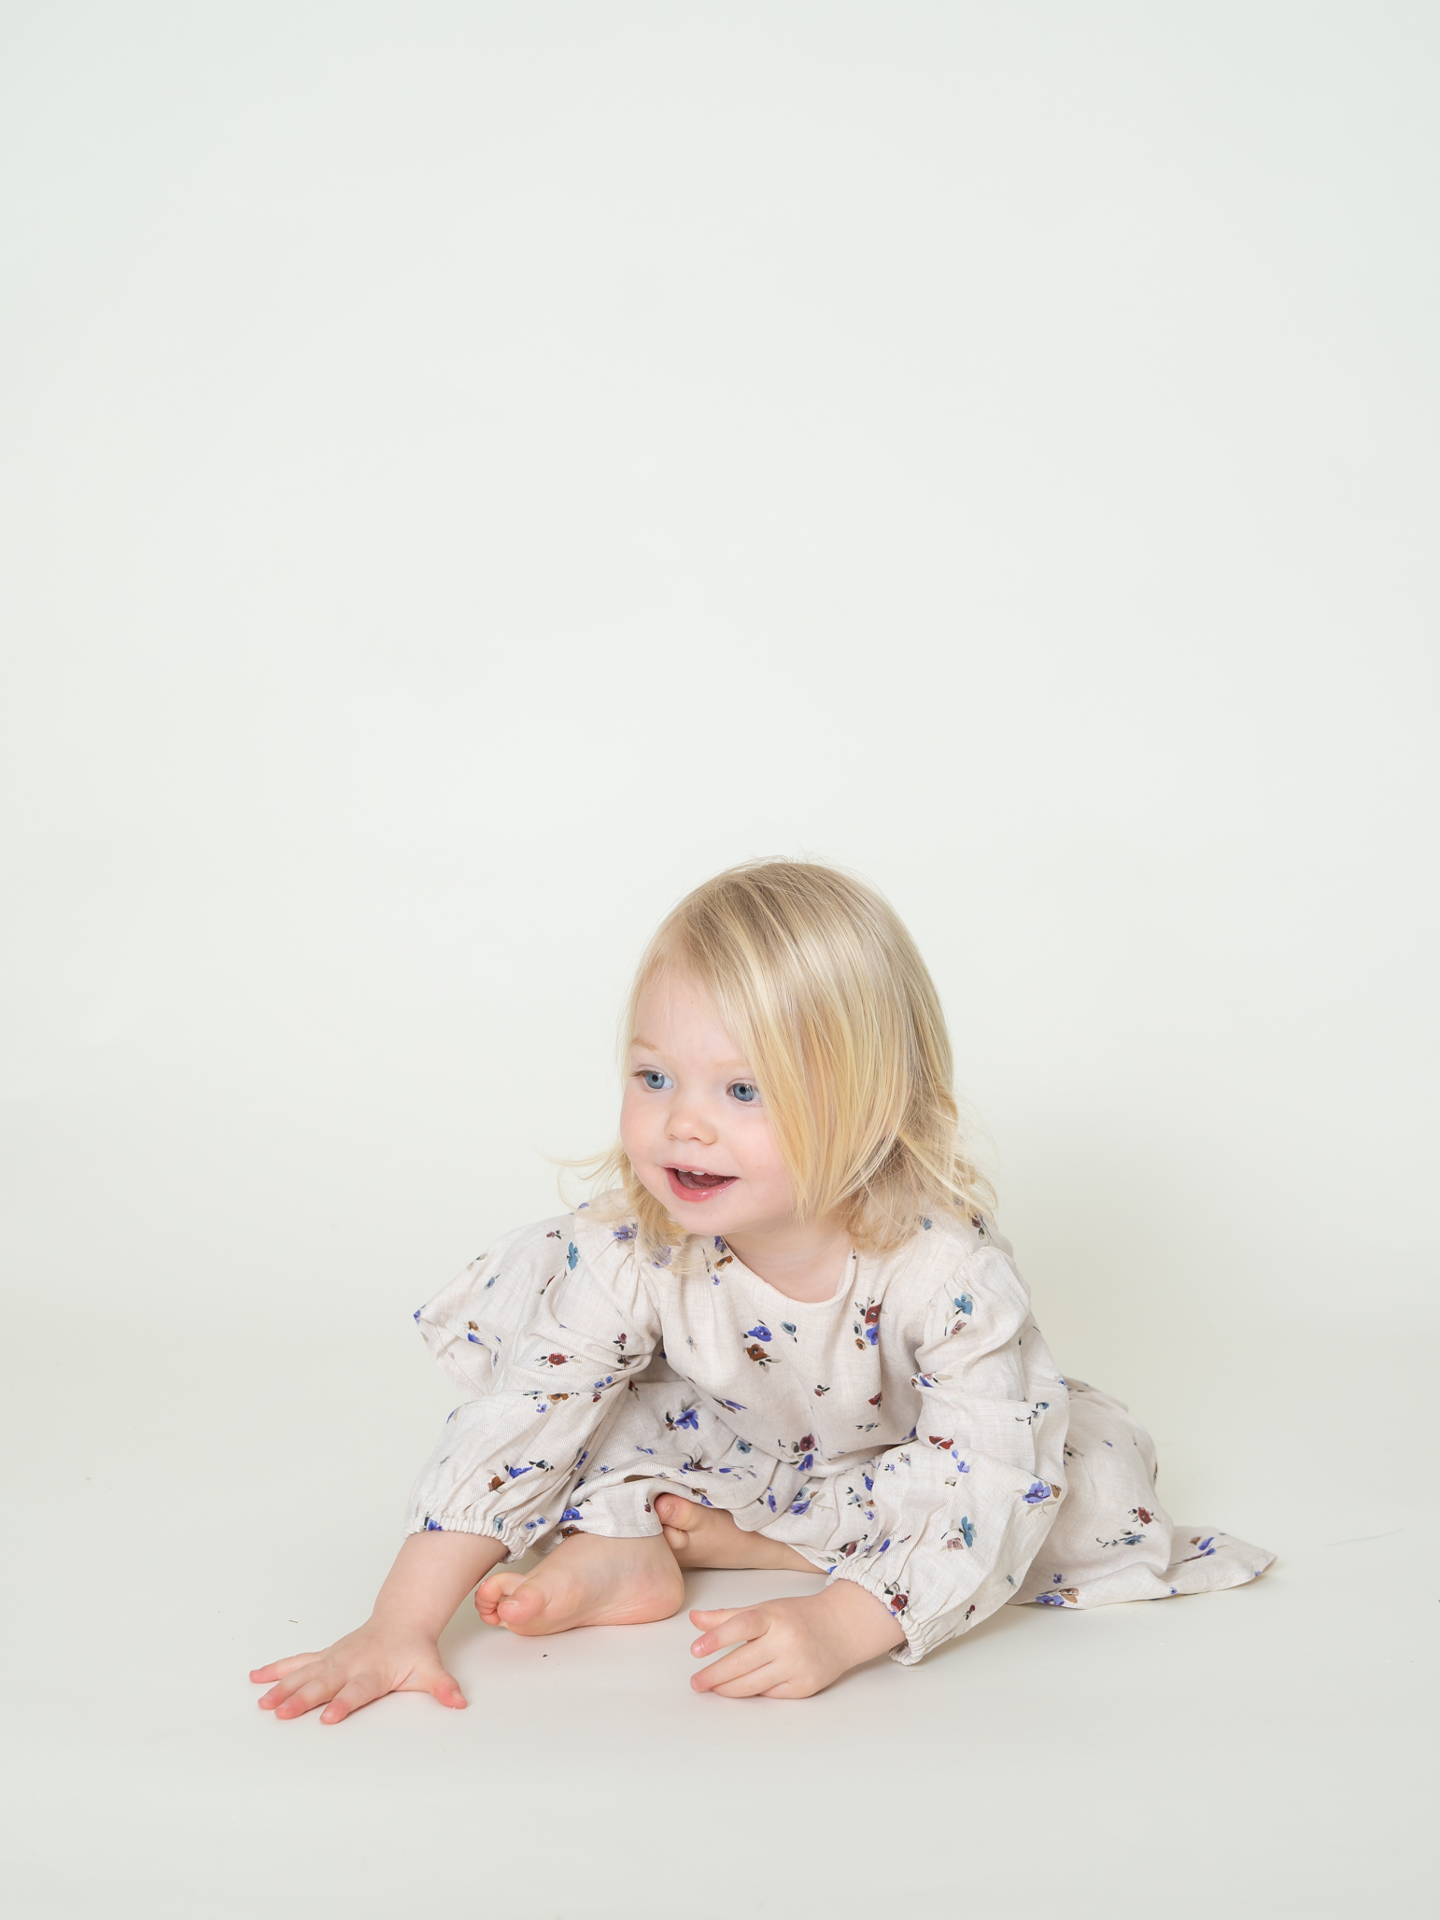 Fotostudio in Borchen spielende Kinder (28)